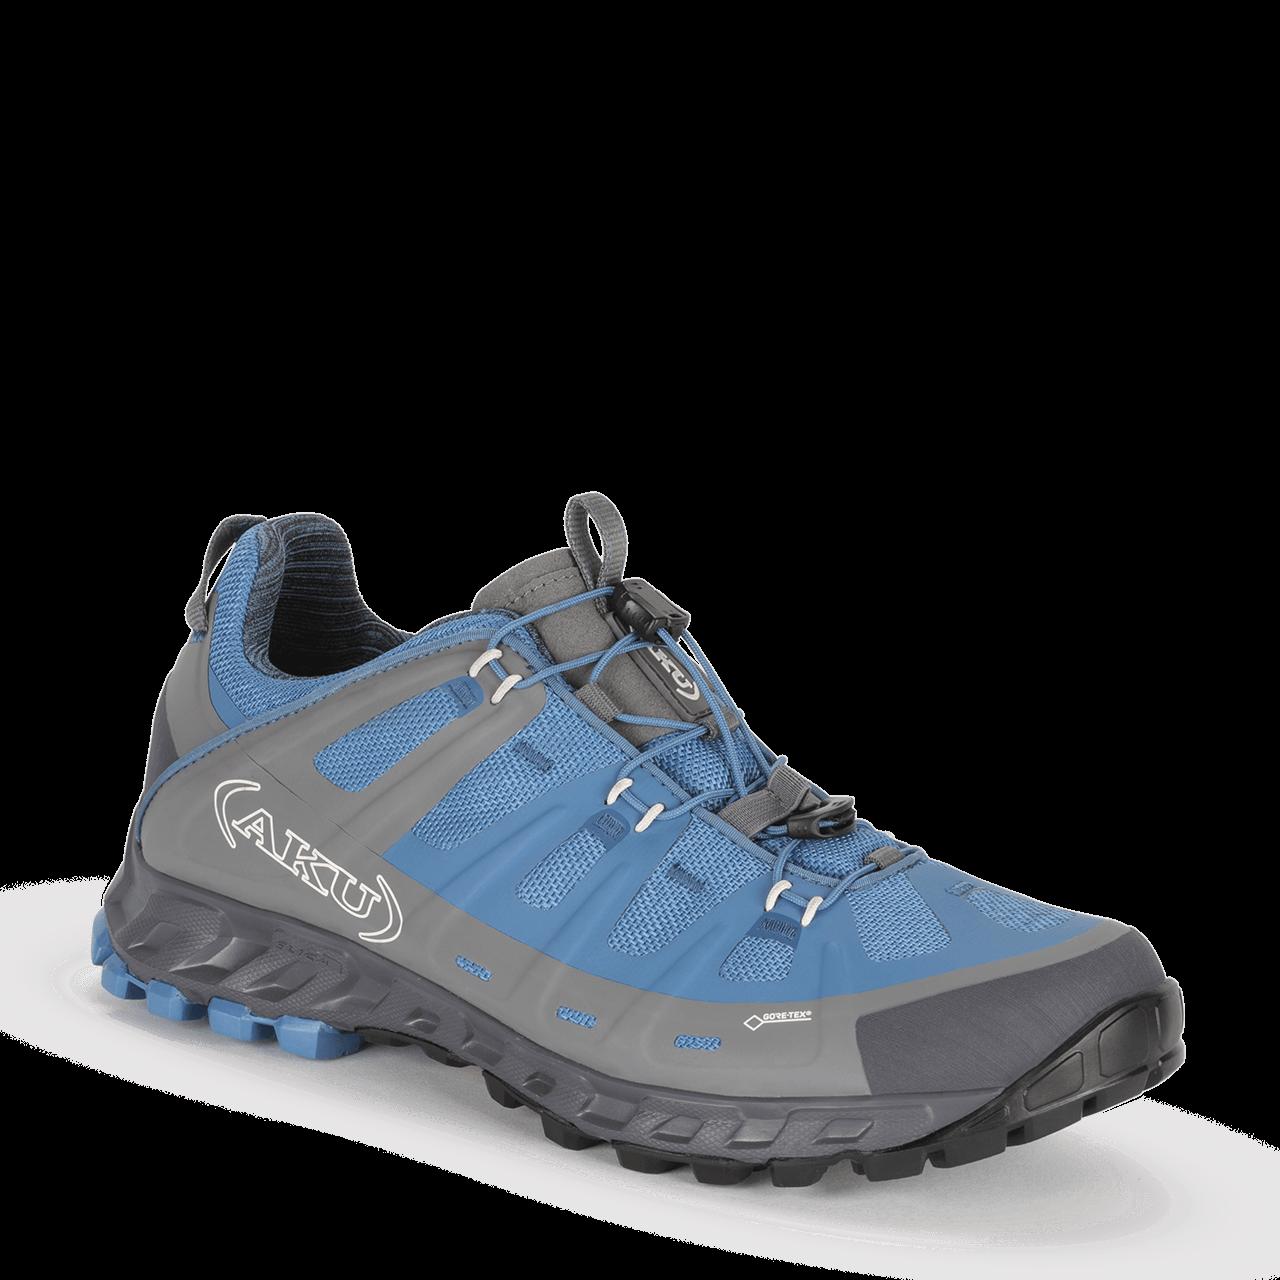 AKU Selvatica GTX blue Velikost: 43 pánské boty